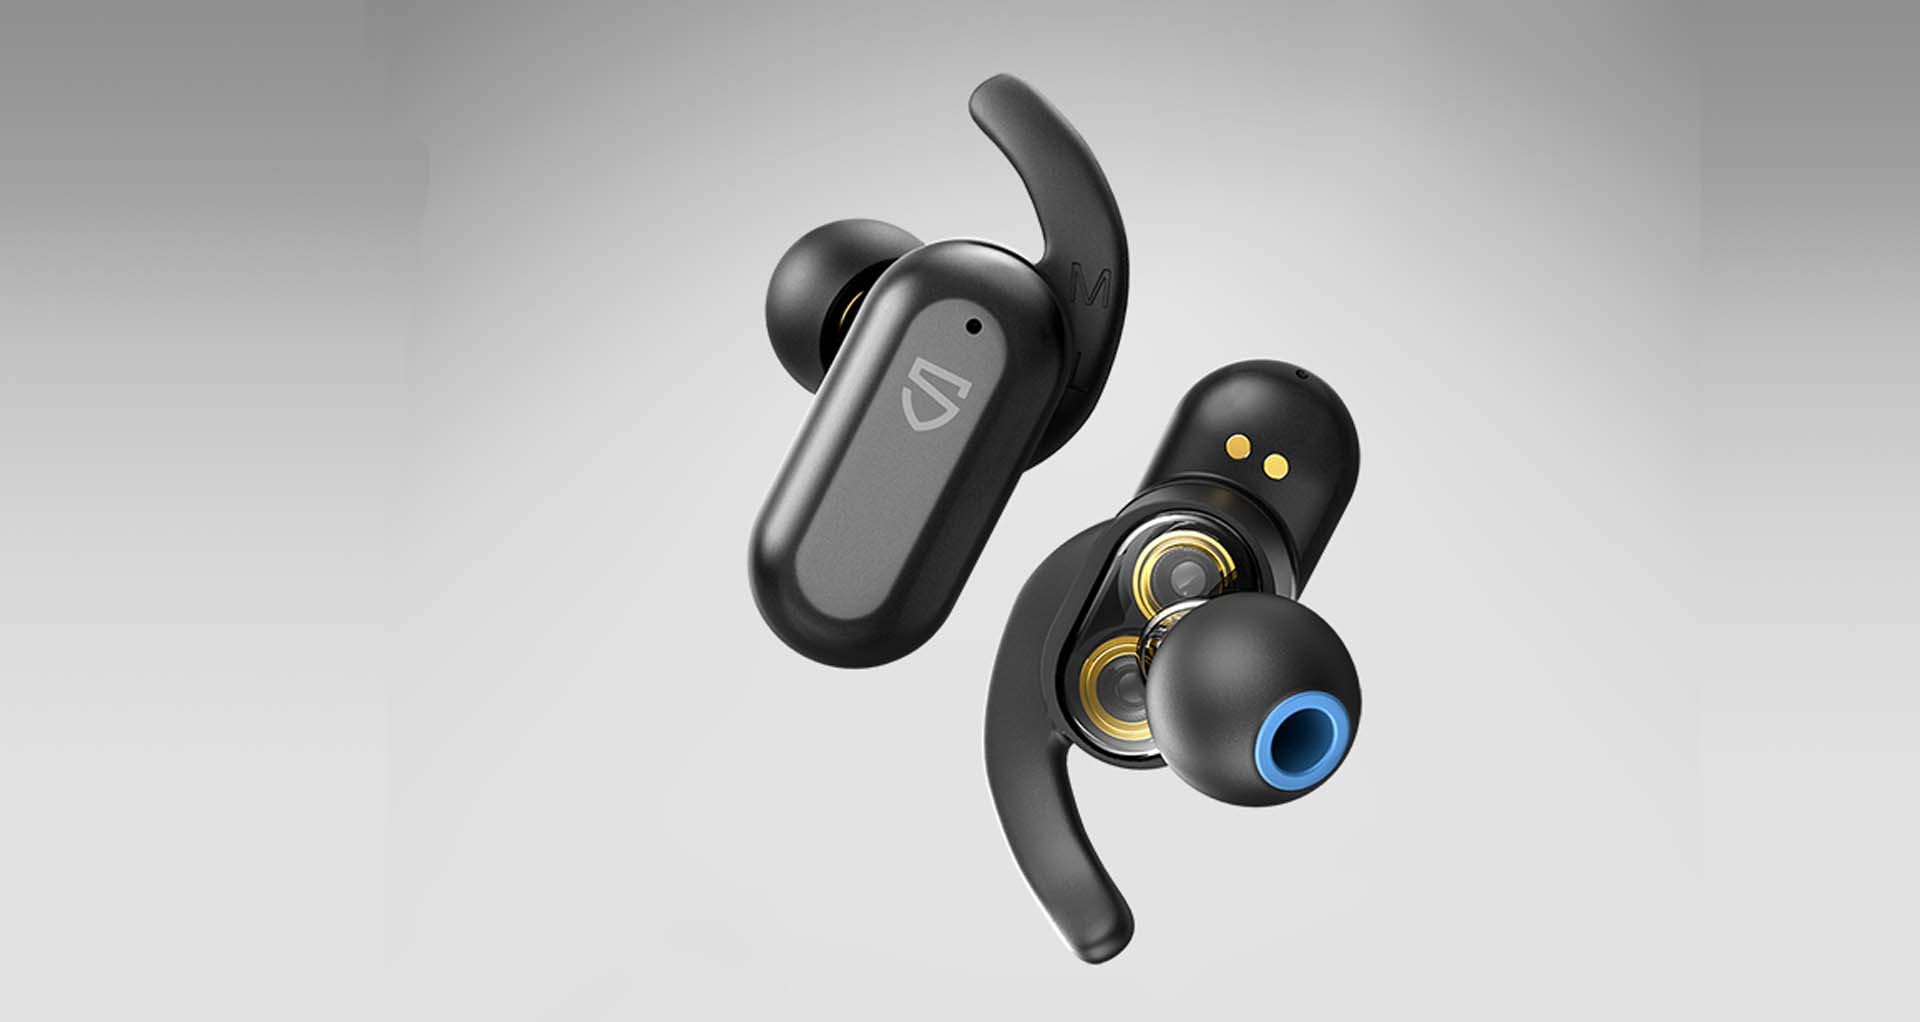 Thiết kế đẹp mắt của tai nghe bluetooth soundpeats truengine 2